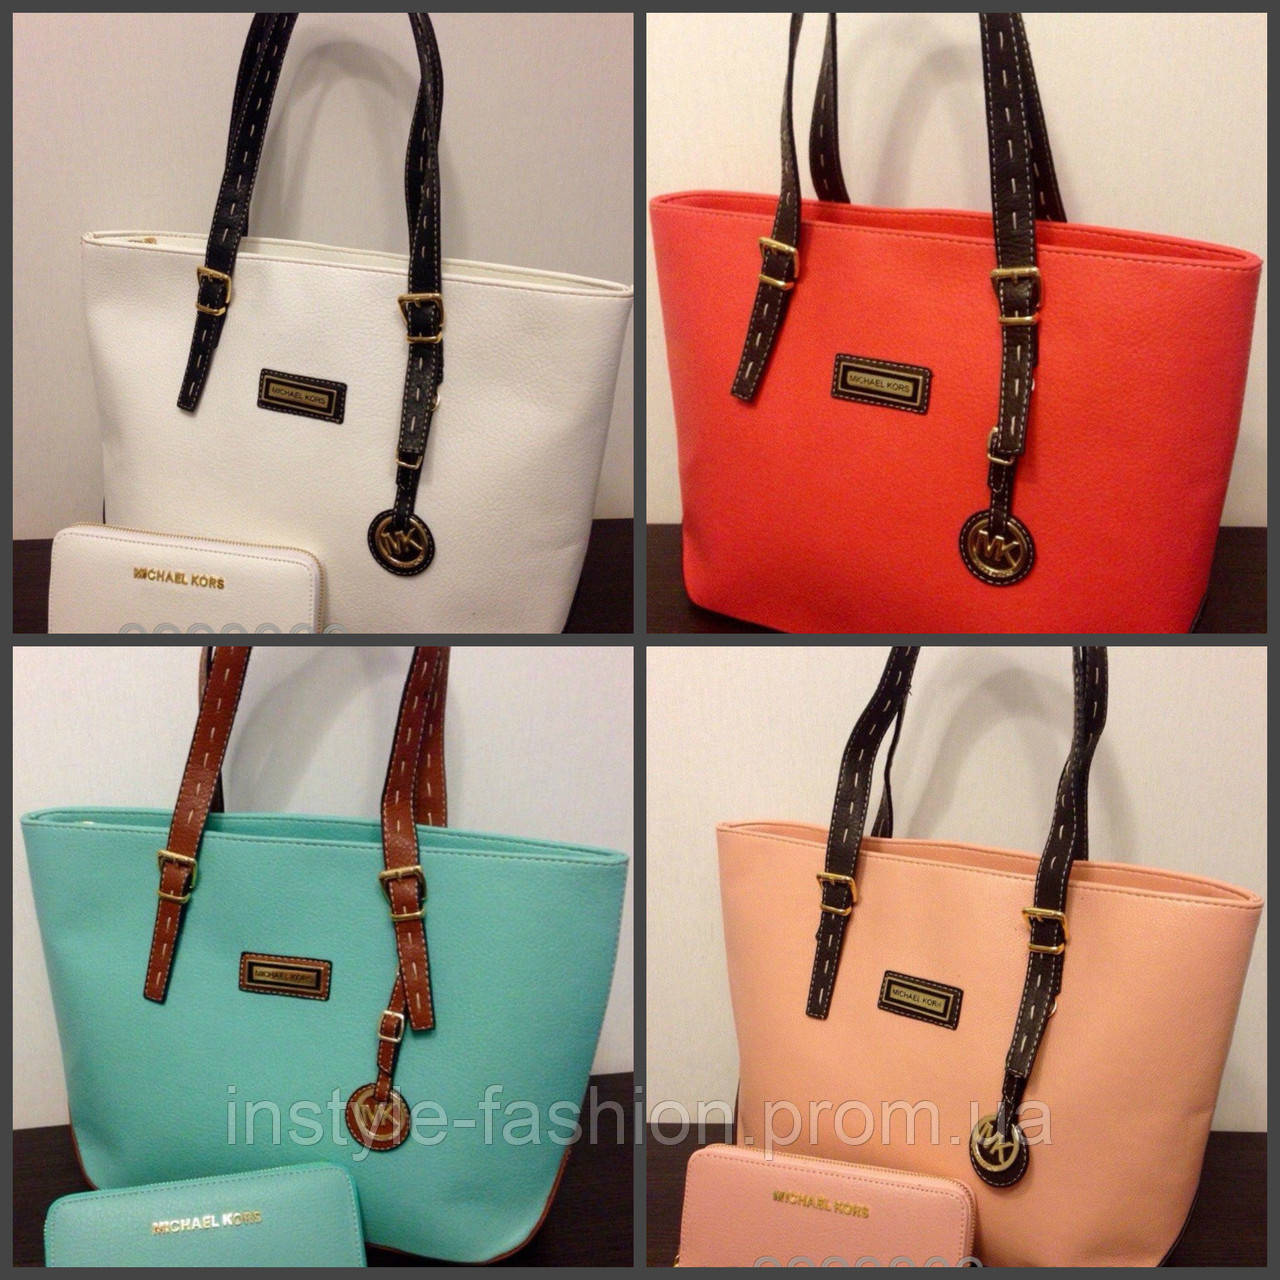 Яркие сумки майкл Корс: розовые, бежевые, бирюзовые, голубые